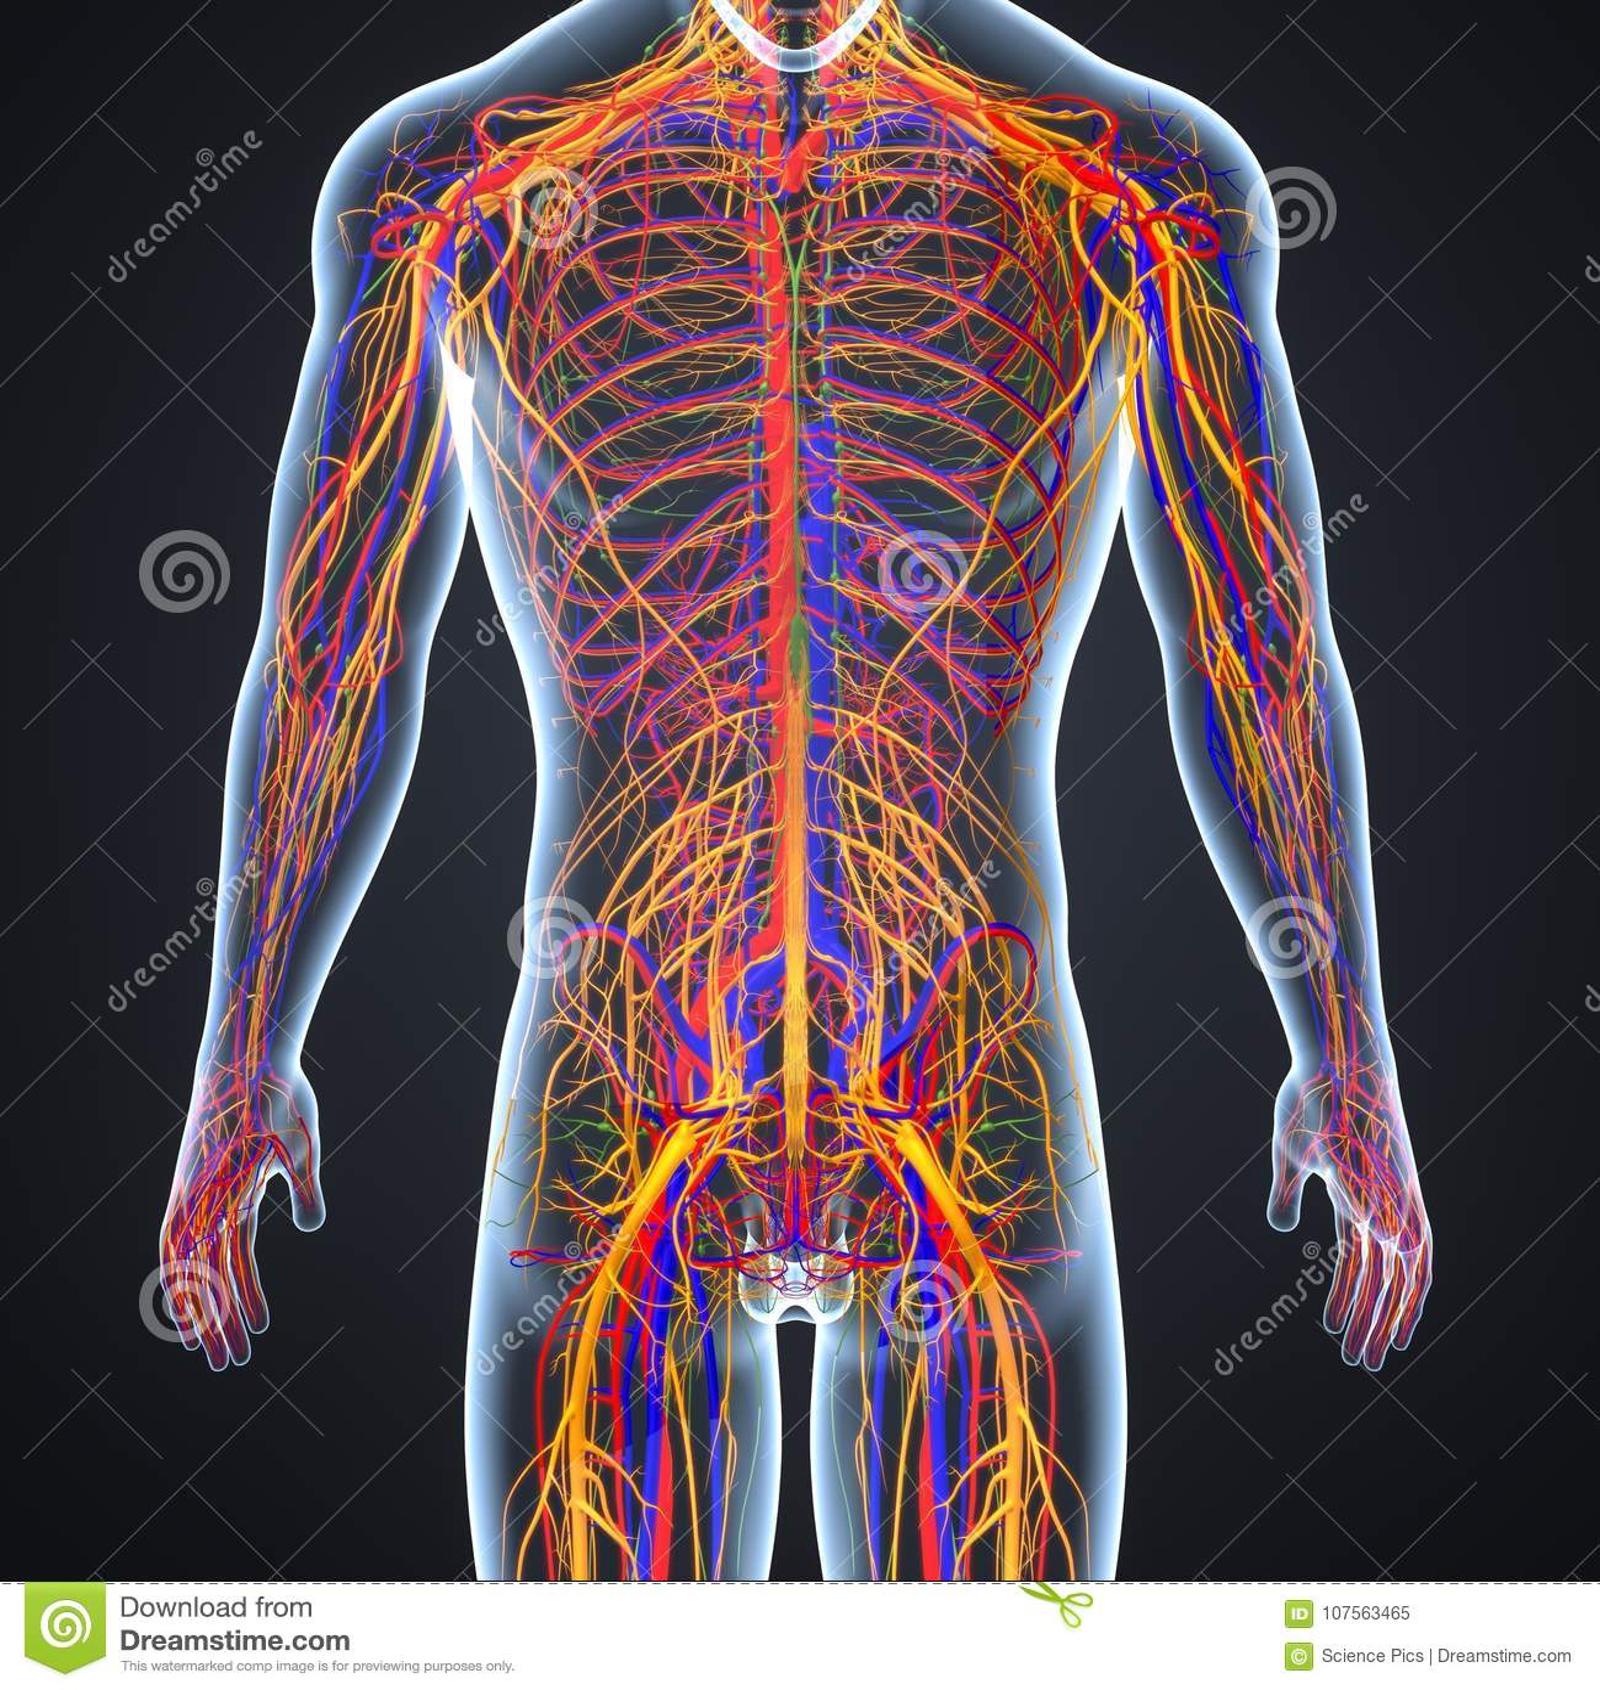 Artérias corpo mapa de e veias humano no